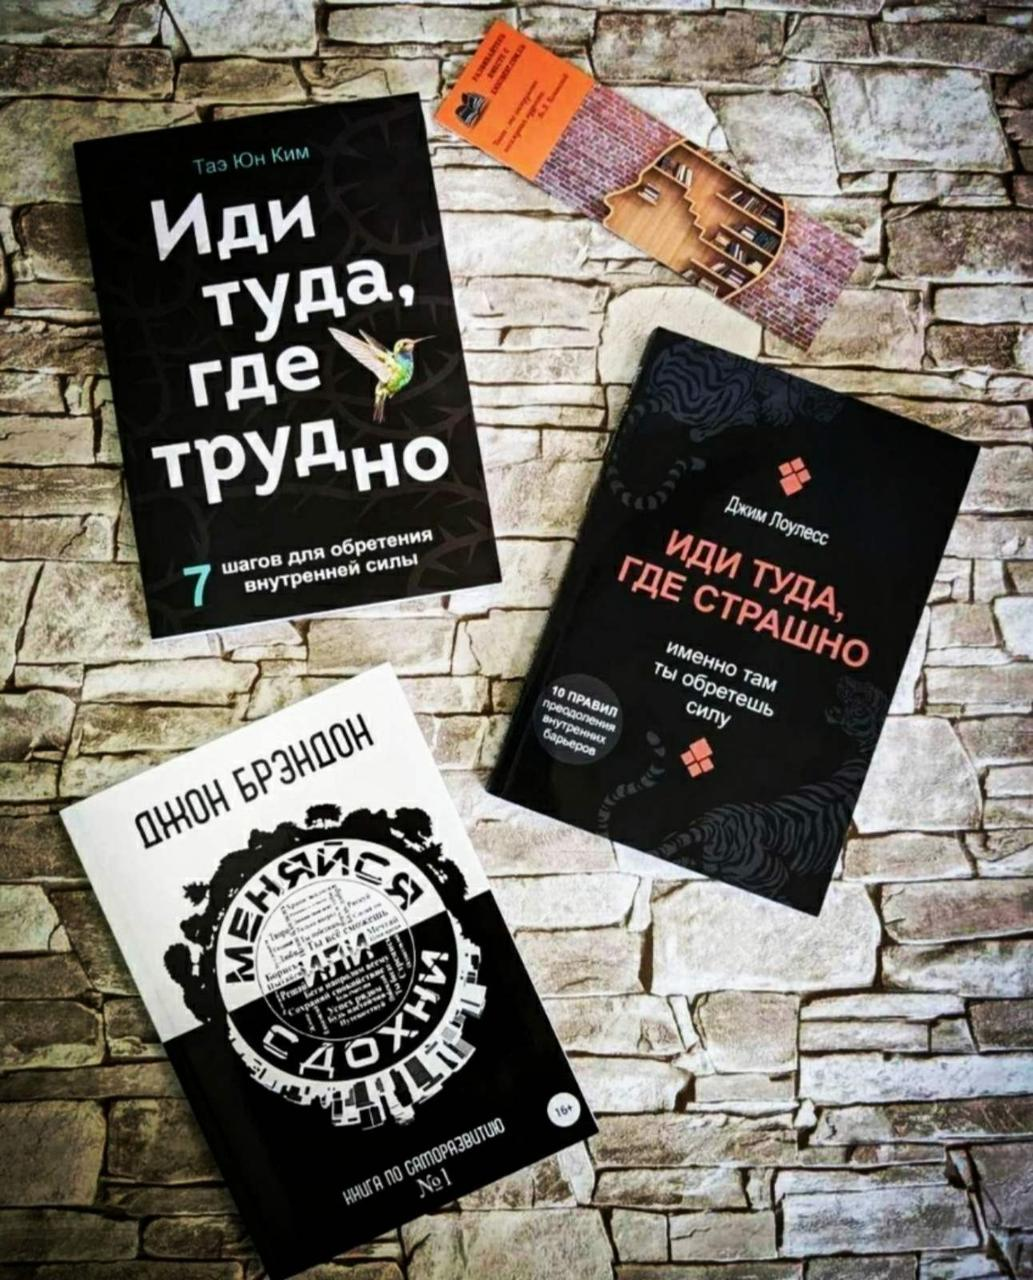 """Набір книг """"Іди туди, де страшно"""" Д. Лоулесс ,""""Змінюйся або здохни"""" Д. Брендон, """"Іди туди, де важко"""" Тае Юн Кім"""